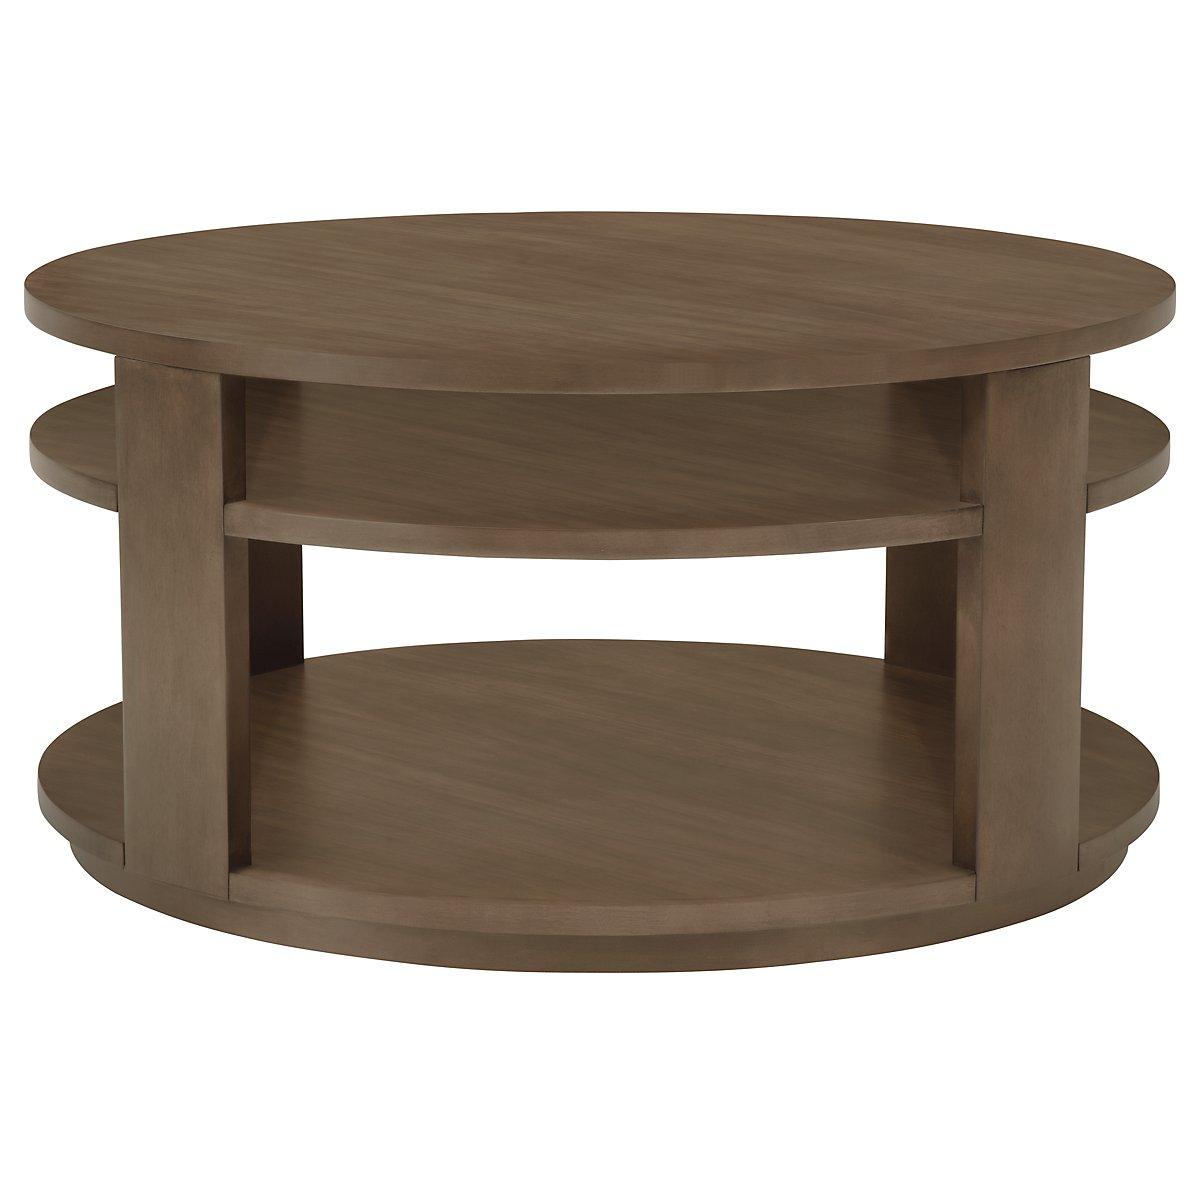 City Furniture Preston Gray Round Coffee Table